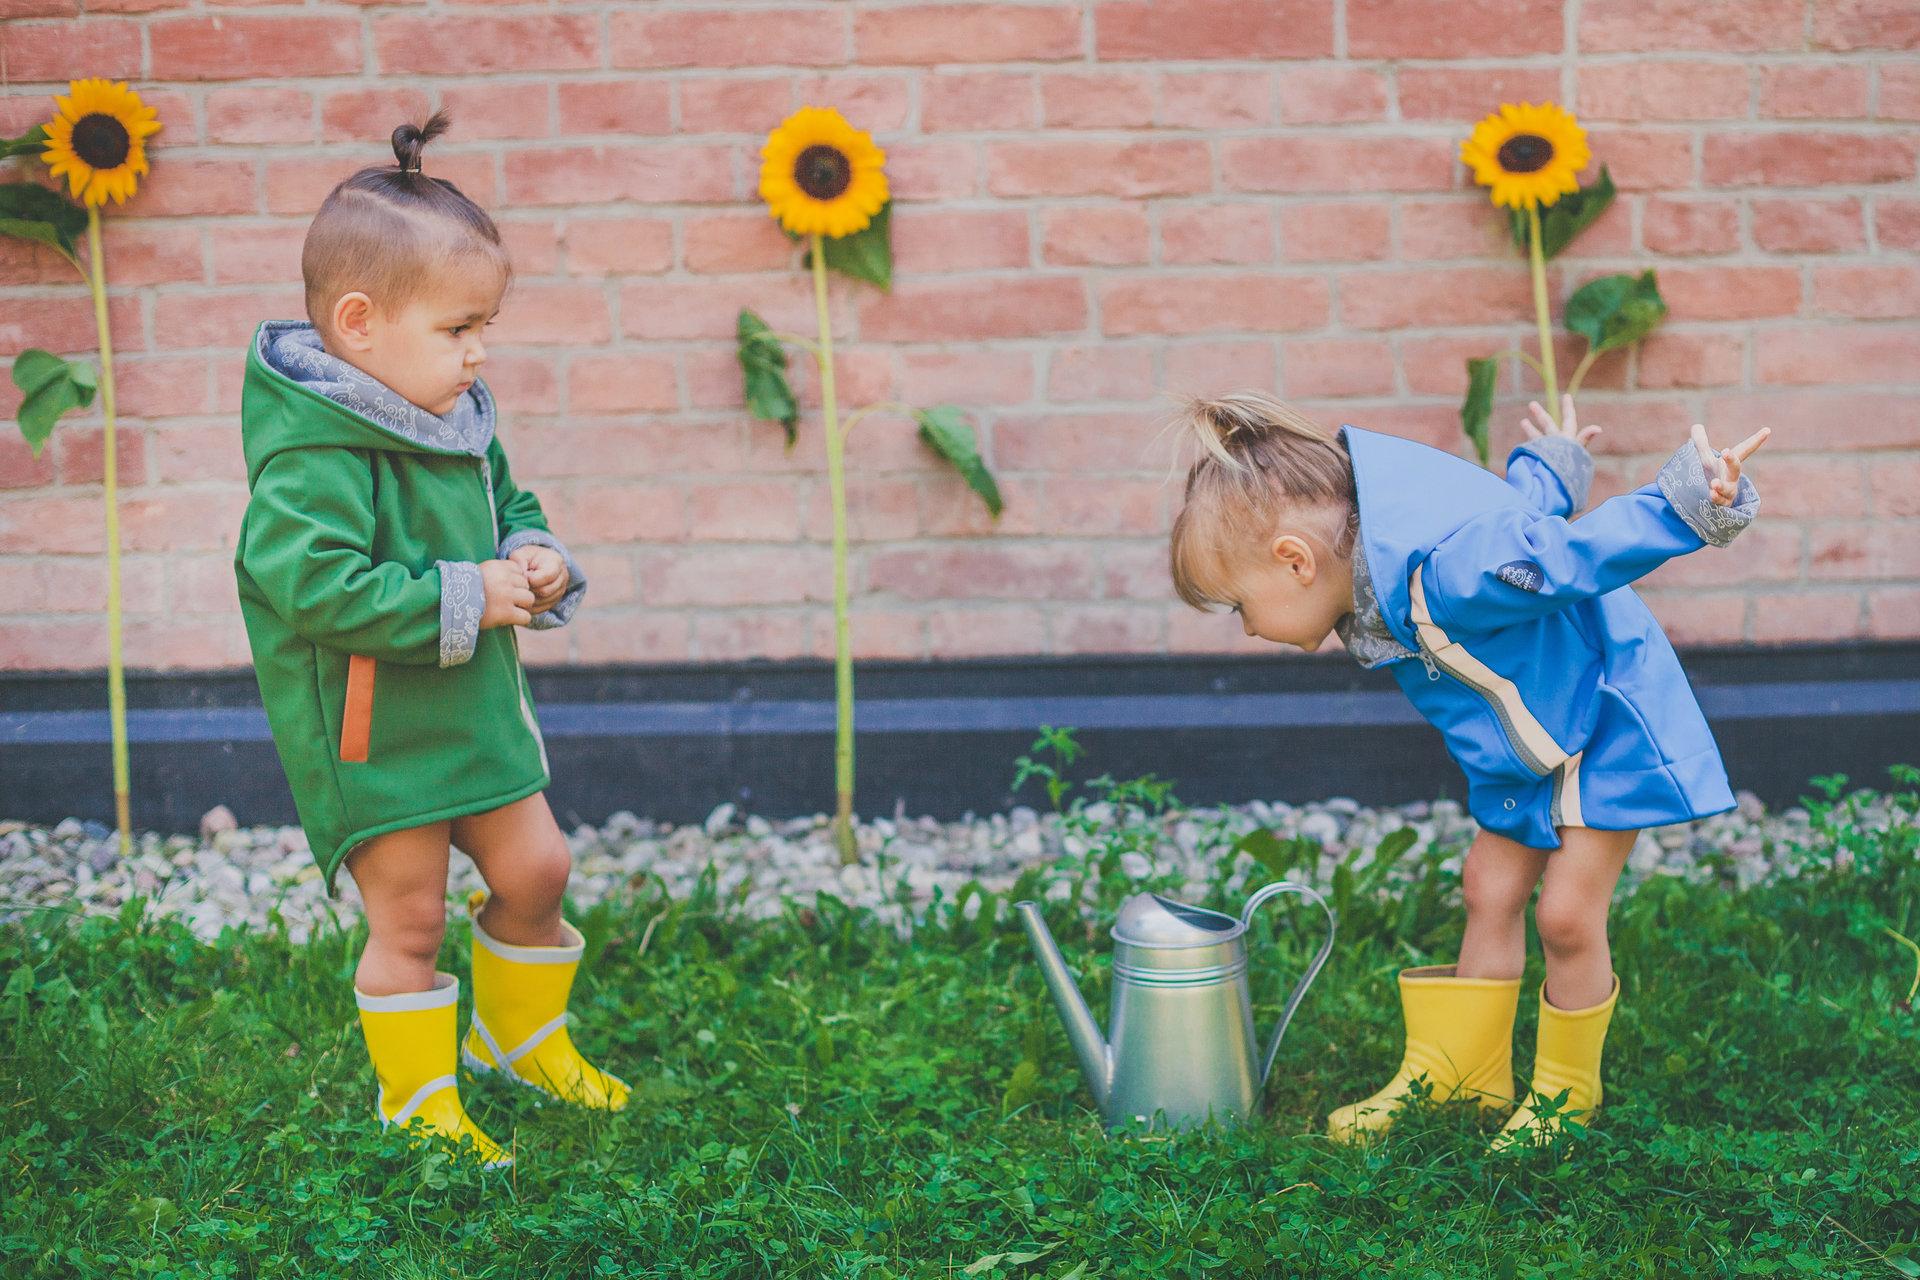 Idealna kurtka na jesień dla dziecka?  Marka Miapka Design rozpoczyna sezon z nowością - zieloną parką wykonaną z materiału softshell.